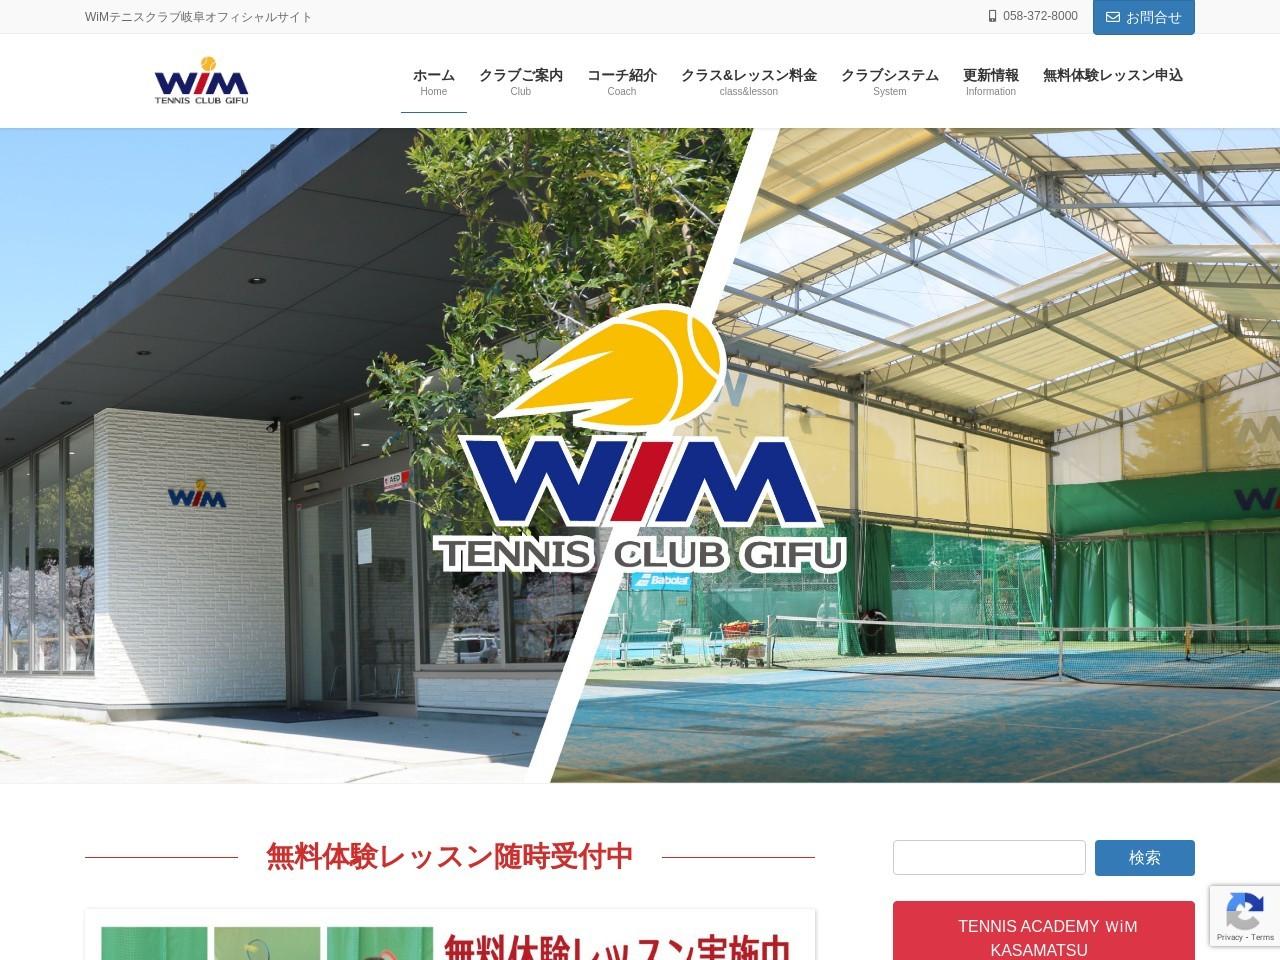 WiMテニスクラブ岐阜